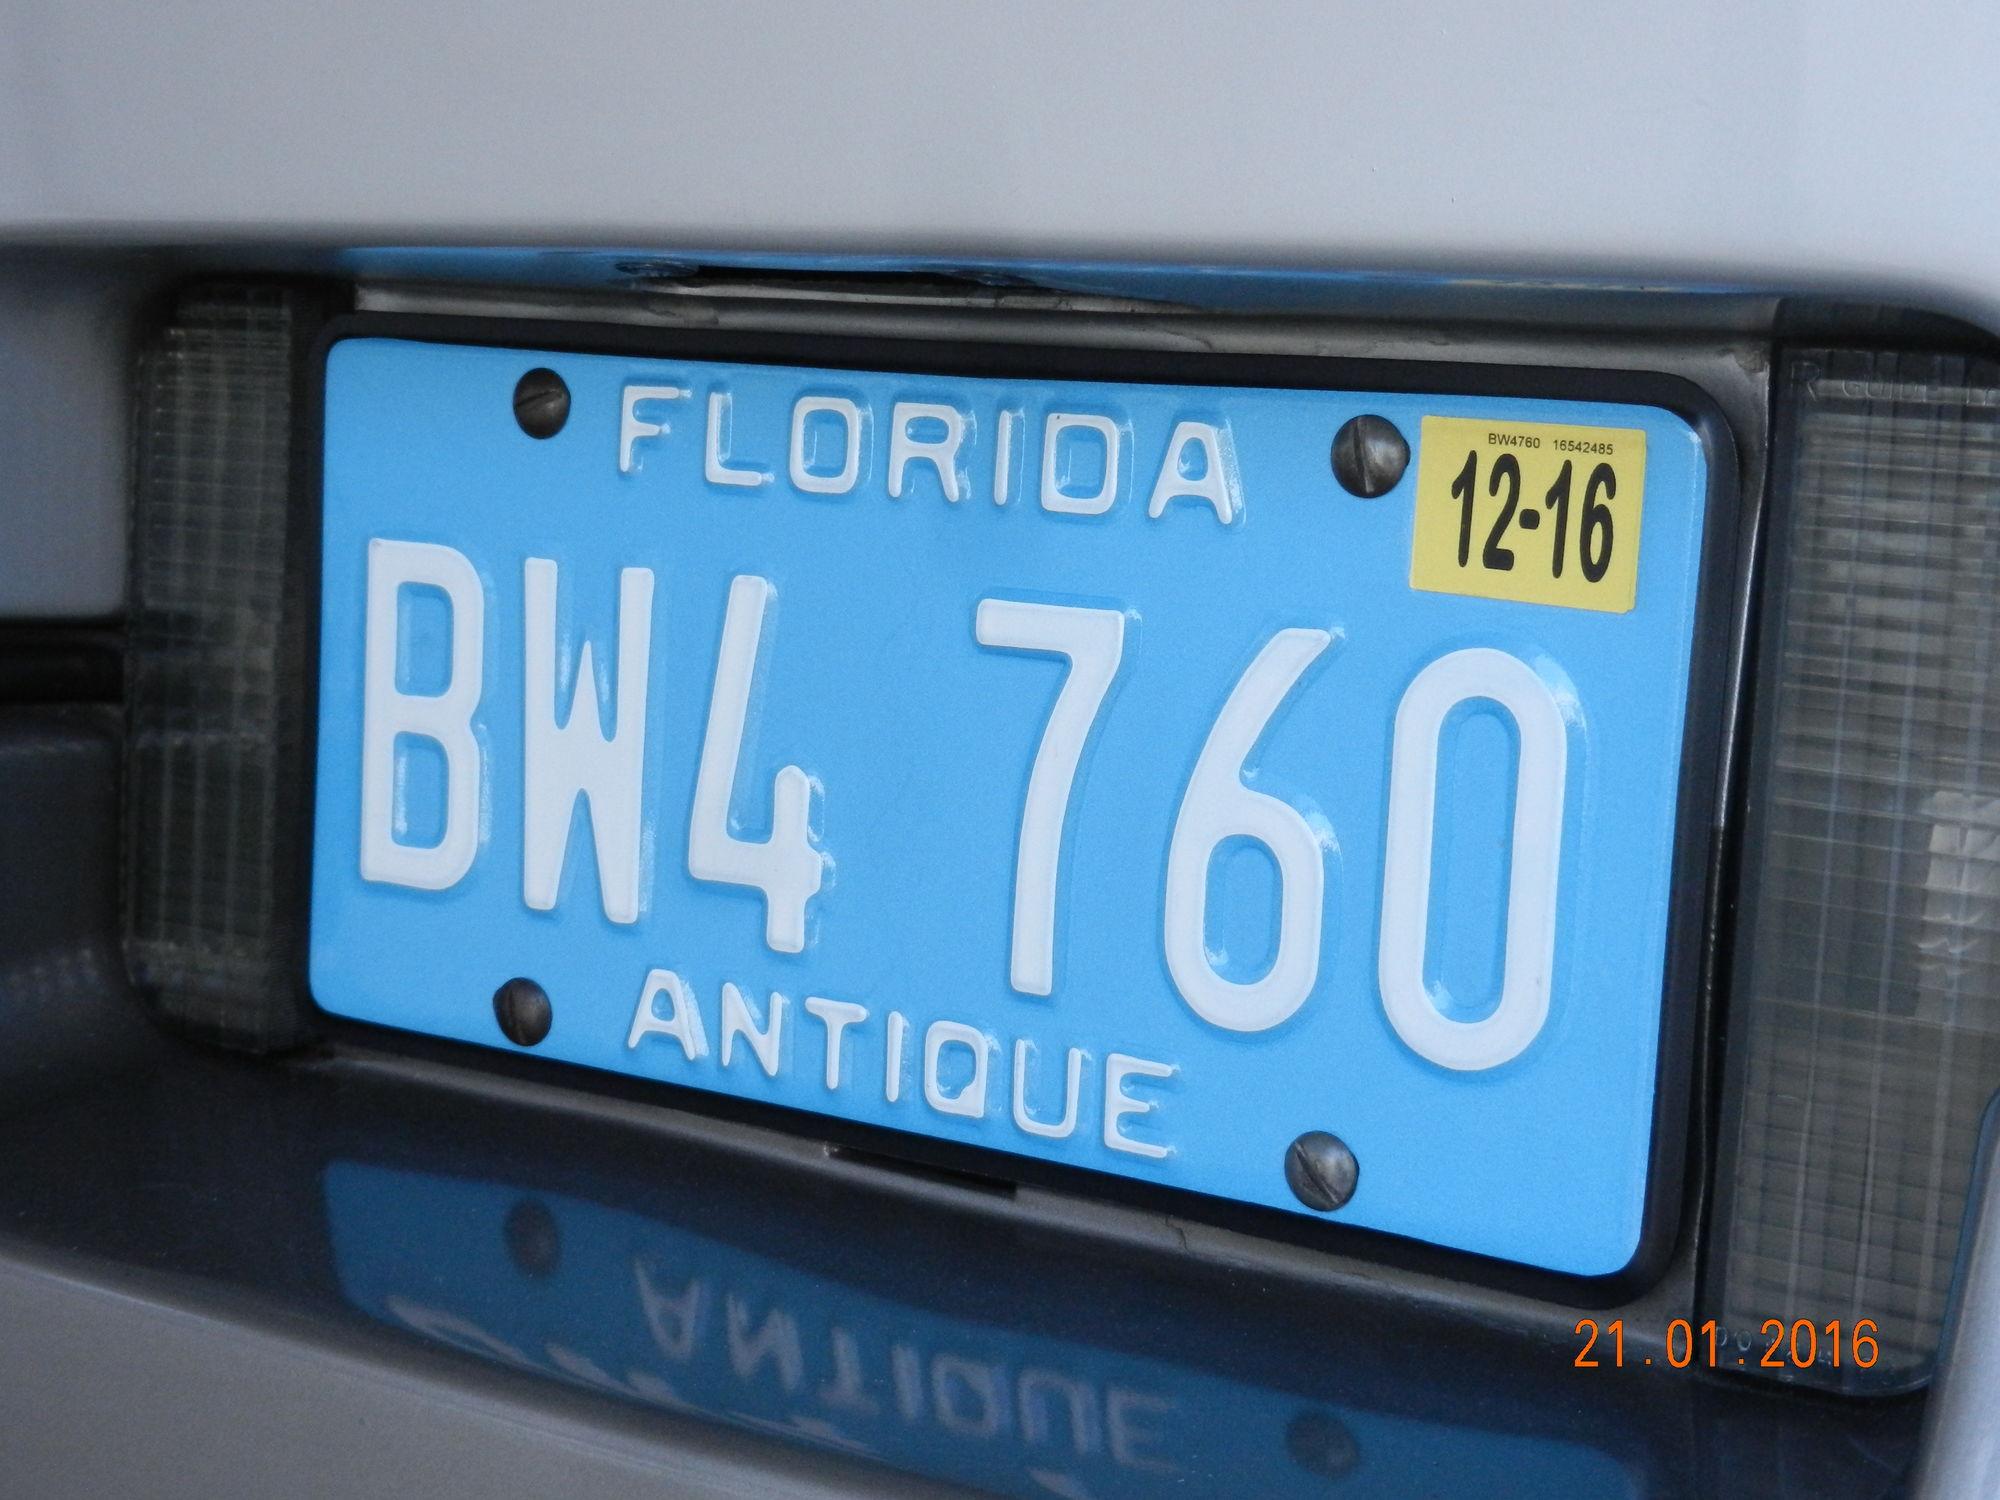 Antique/historic plates. - CorvetteForum - Chevrolet Corvette Forum ...